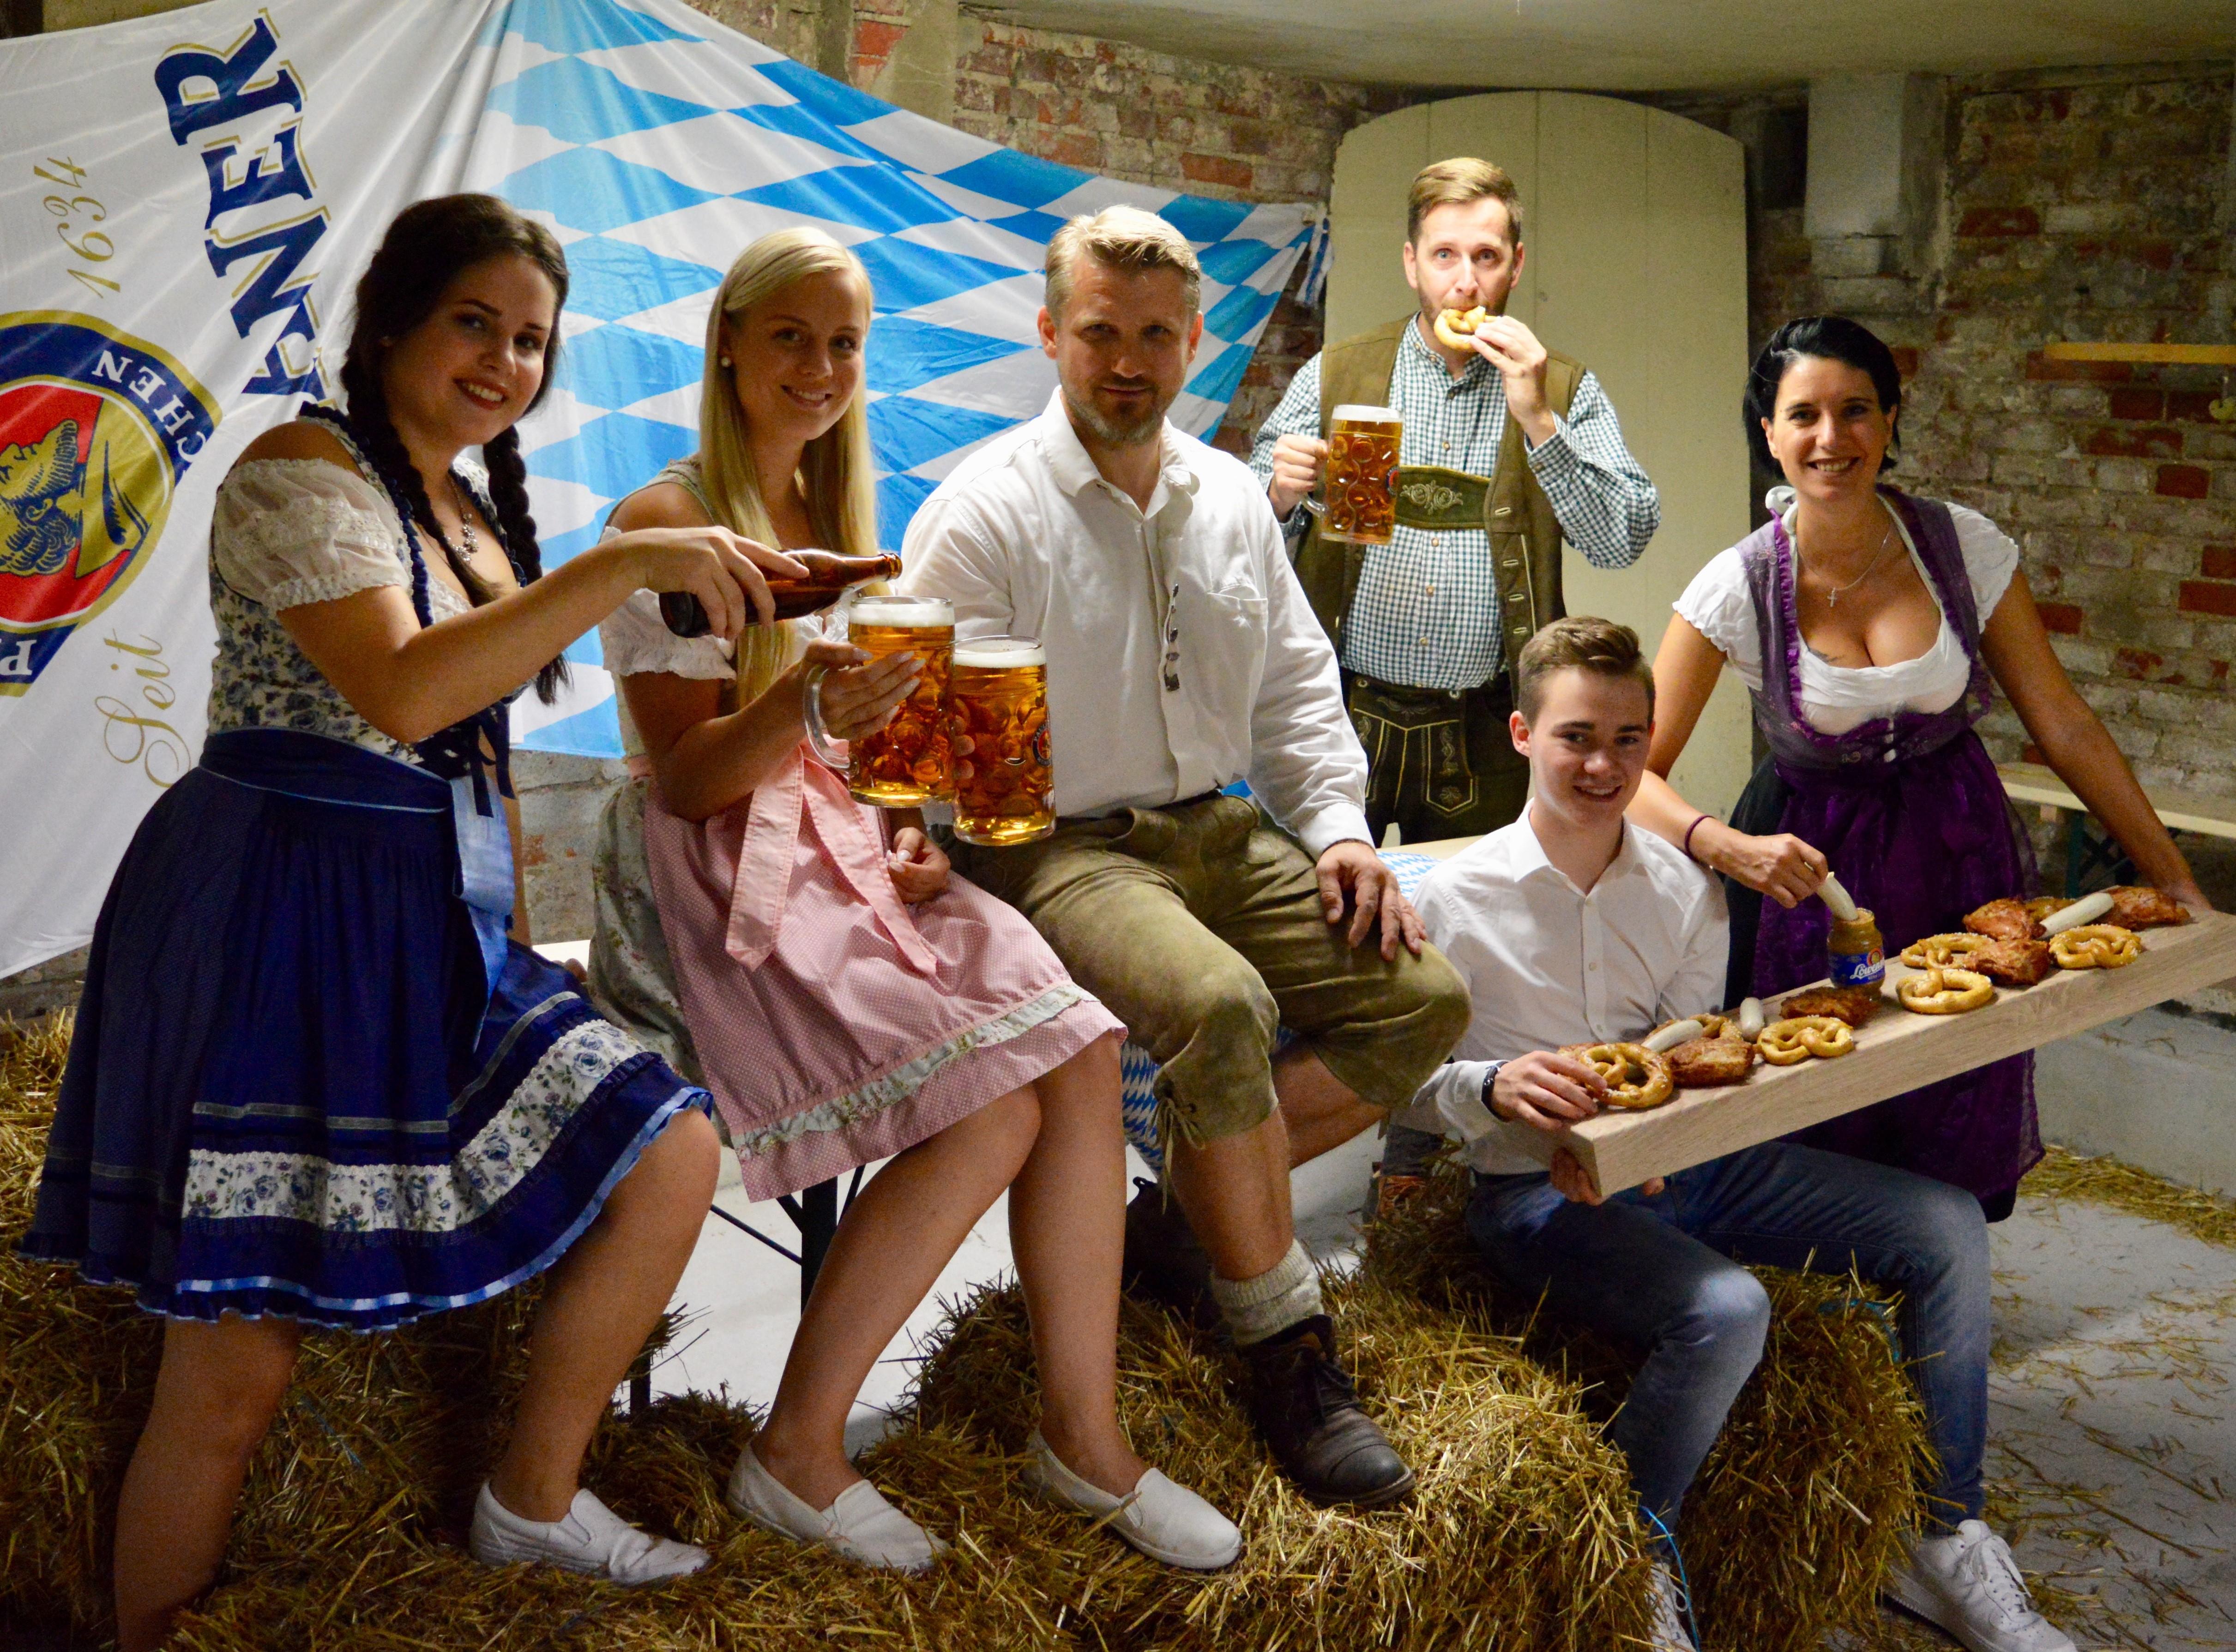 Gemeinsam lädt das Organisationsteam um Felicitas Gahr, Térése Harant, Bürgermeister Sven Hause, Sebastian Pape, Florian Schleußner und Daniela Laaß (von links) recht herzlich zum Oktoberfest 2019 ein.